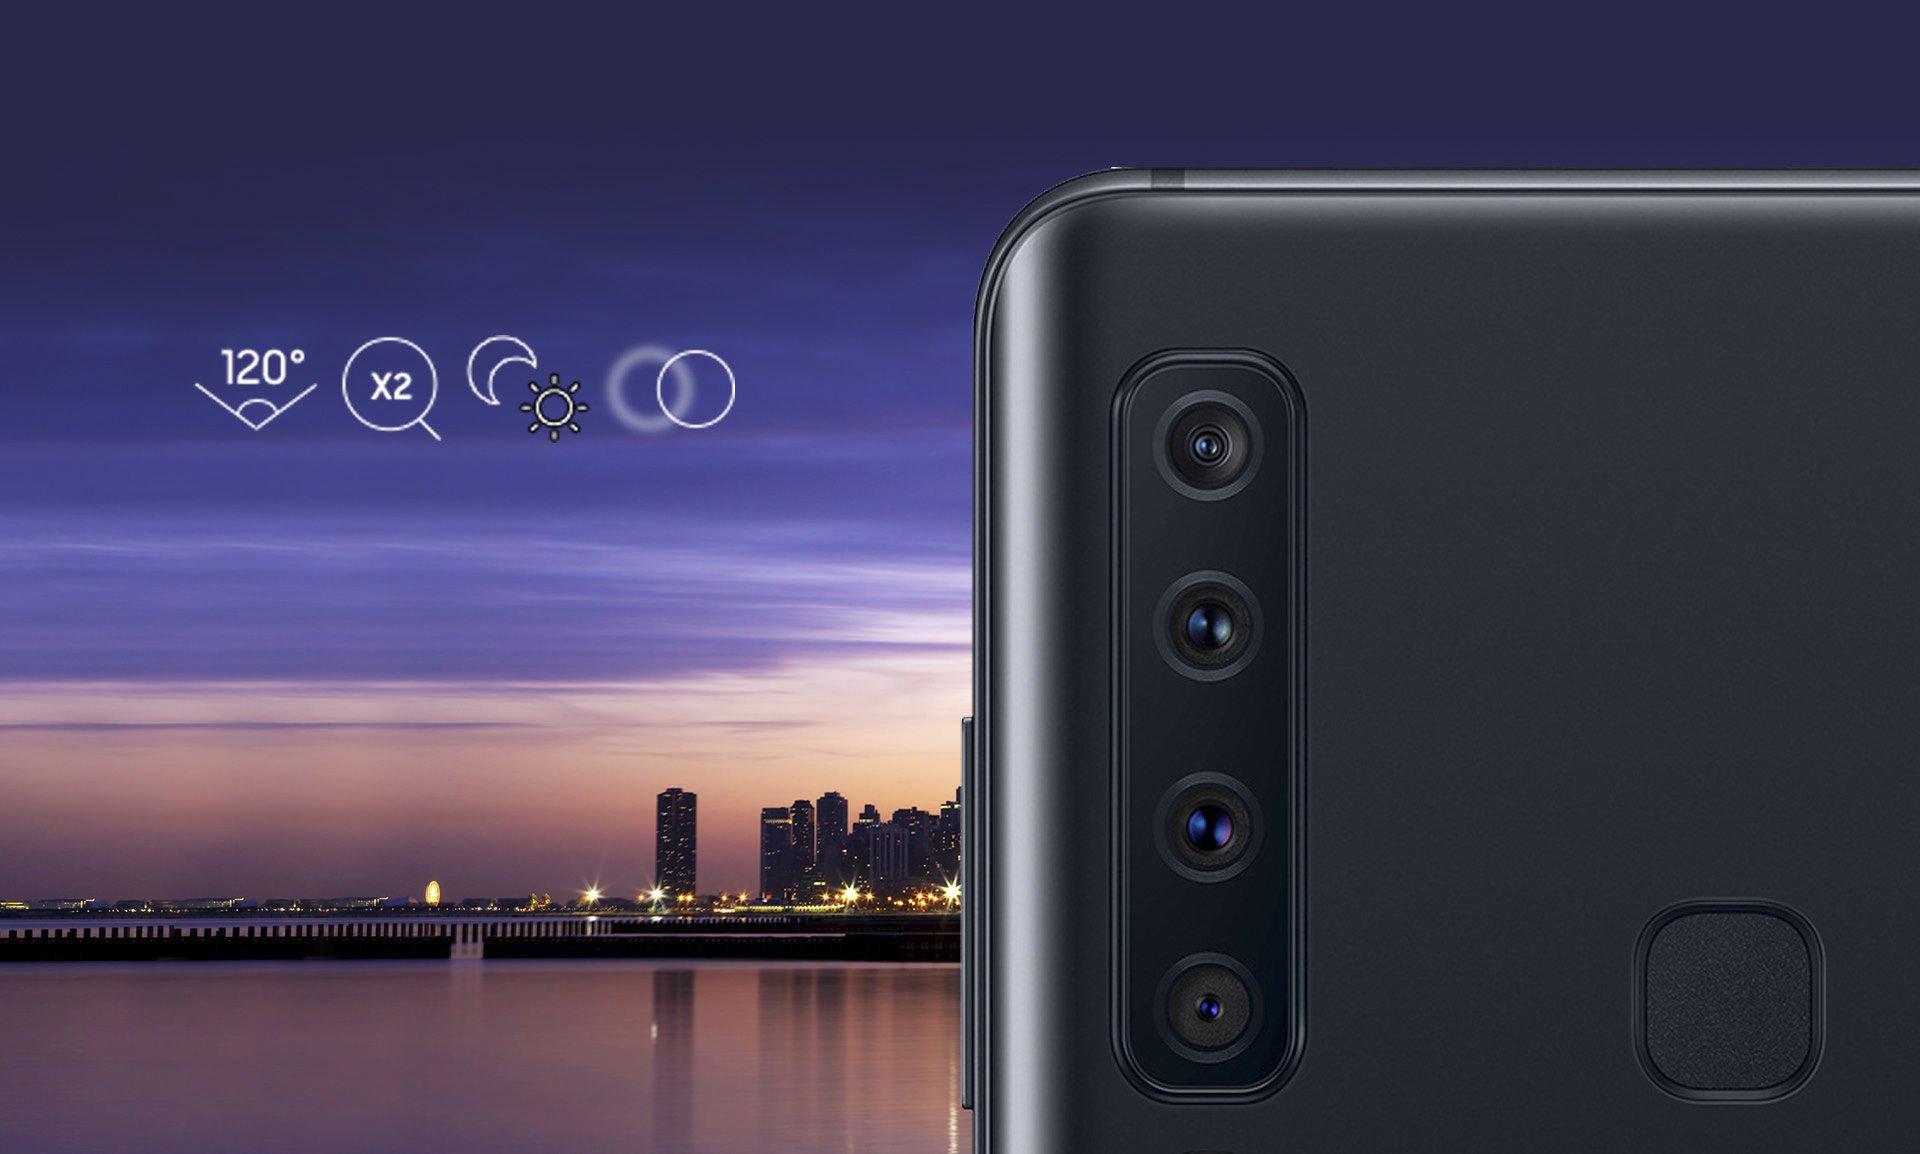 Samsung A9 trình làng về cụm 4 camera sau đầu tiên trên thế giới